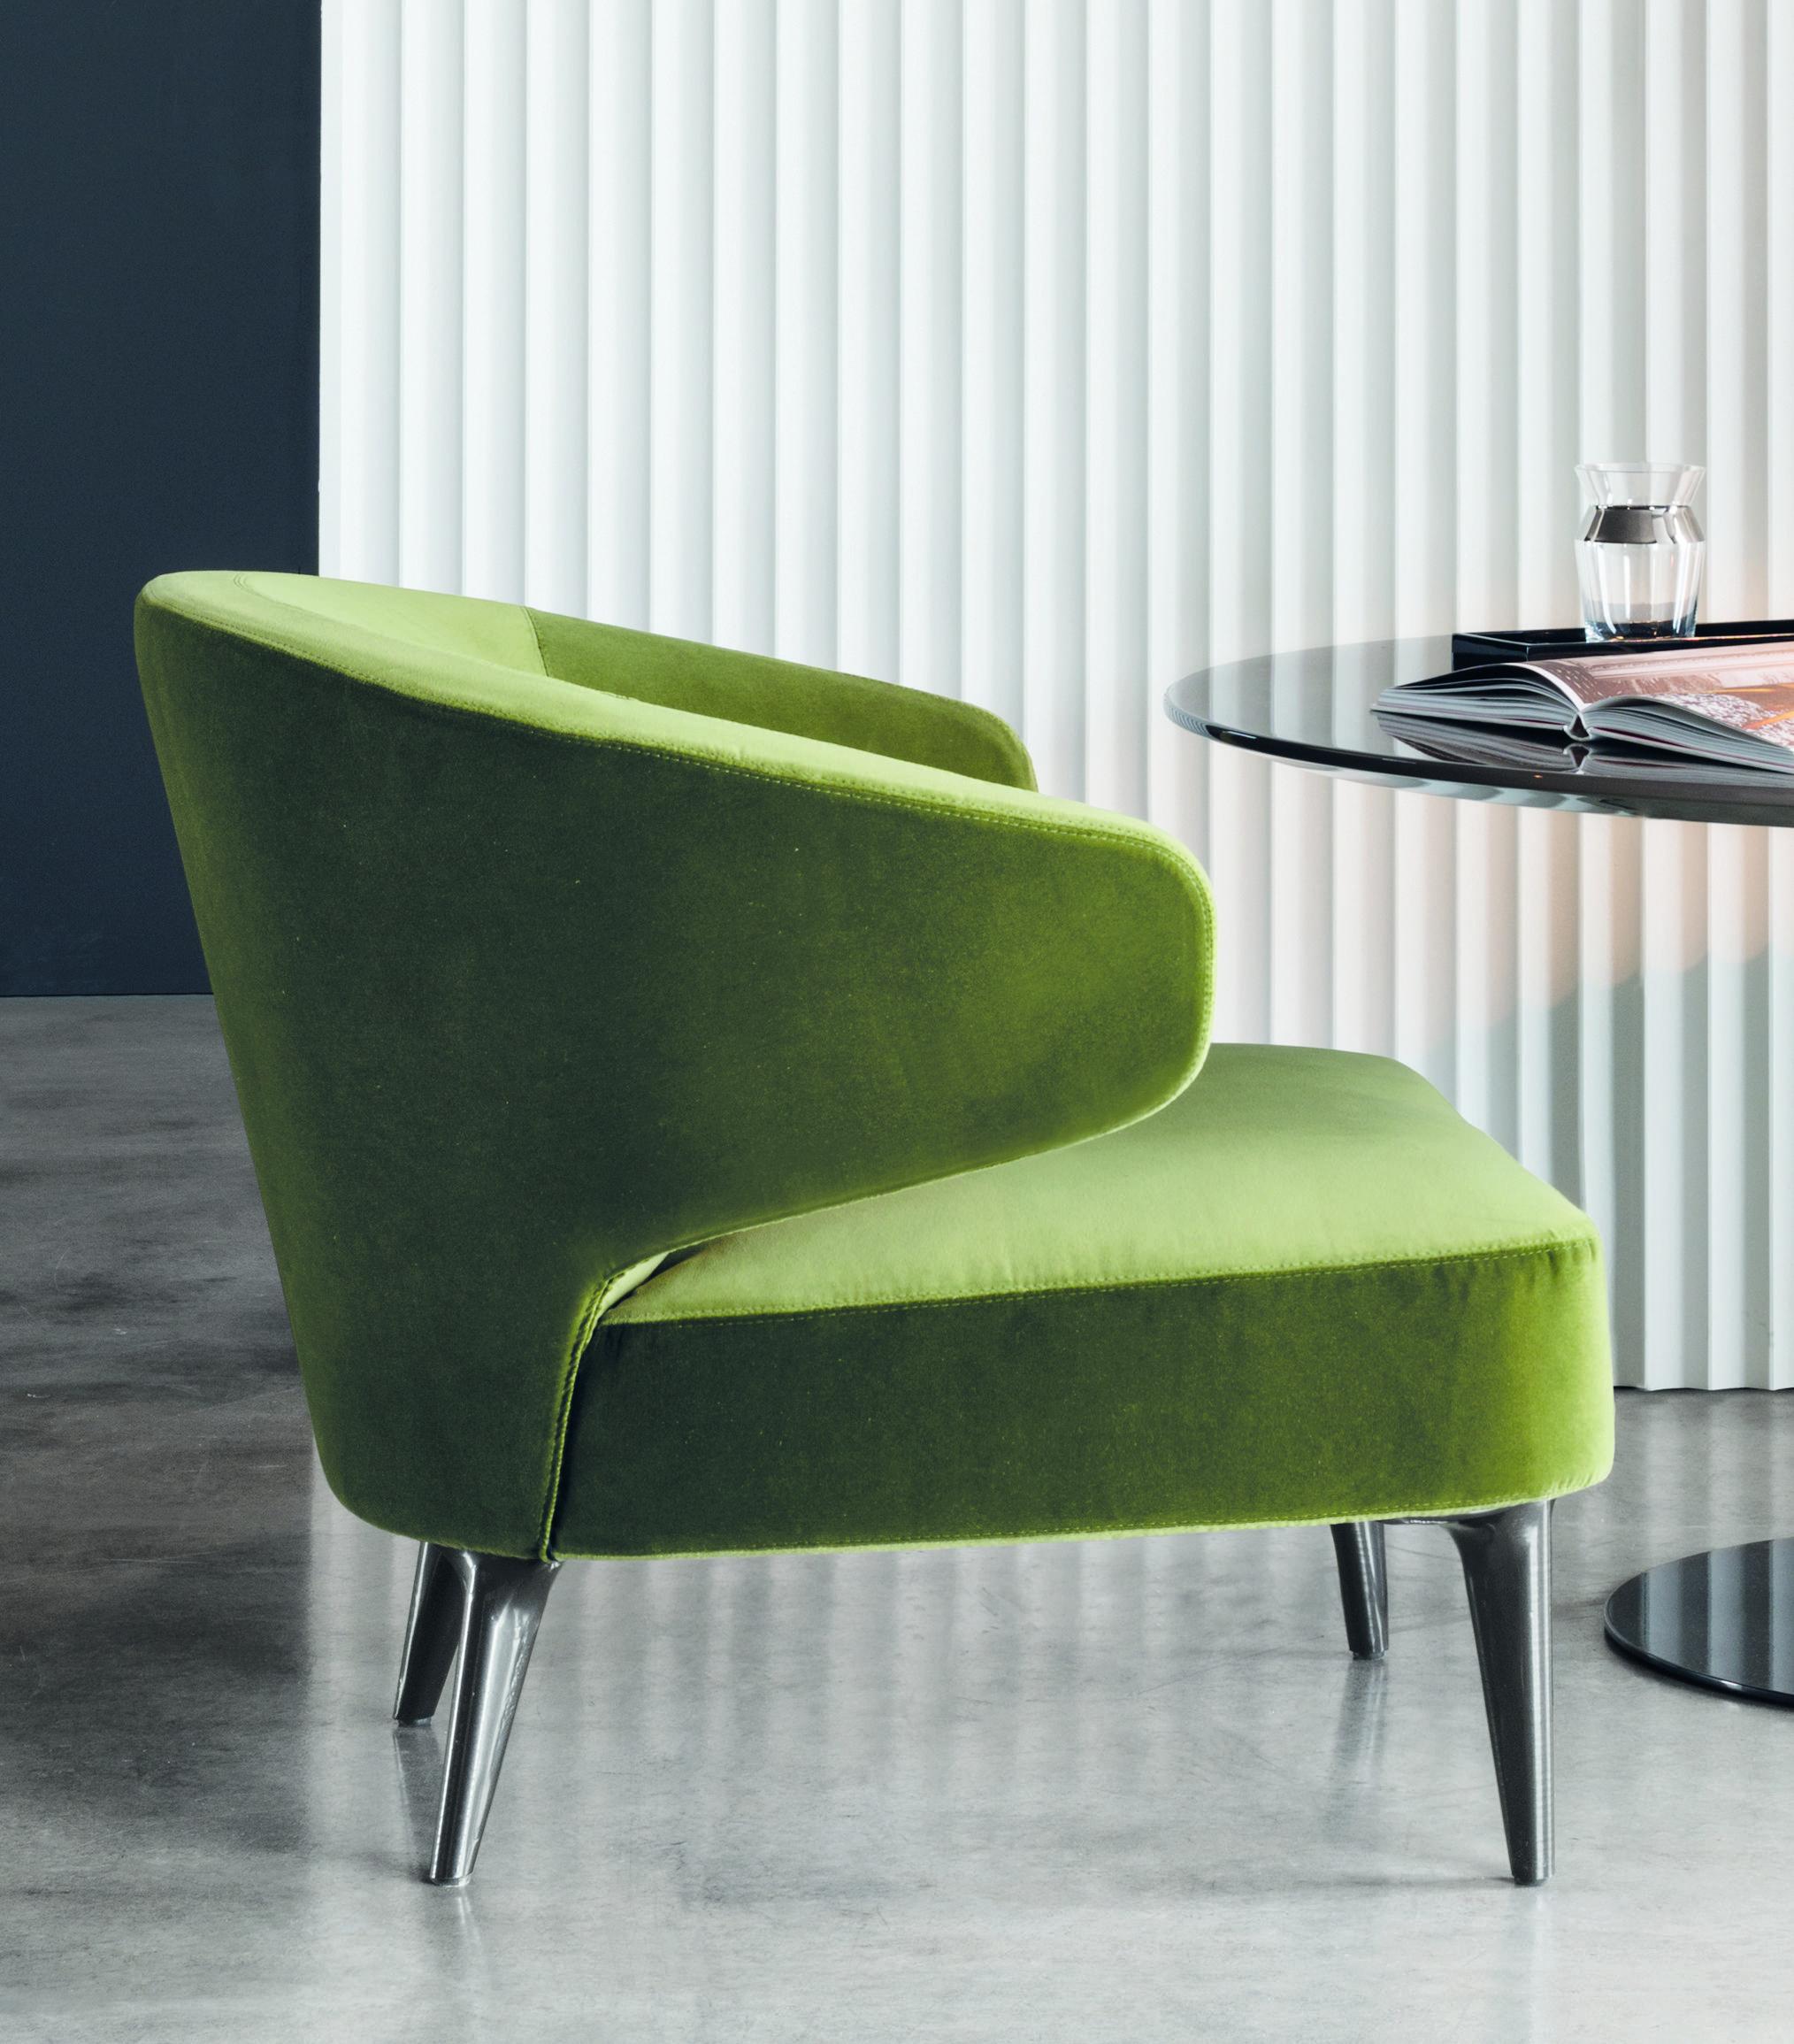 sessel aston von minotti minotti wohnzimmer schlafzimmer sofa m bel. Black Bedroom Furniture Sets. Home Design Ideas